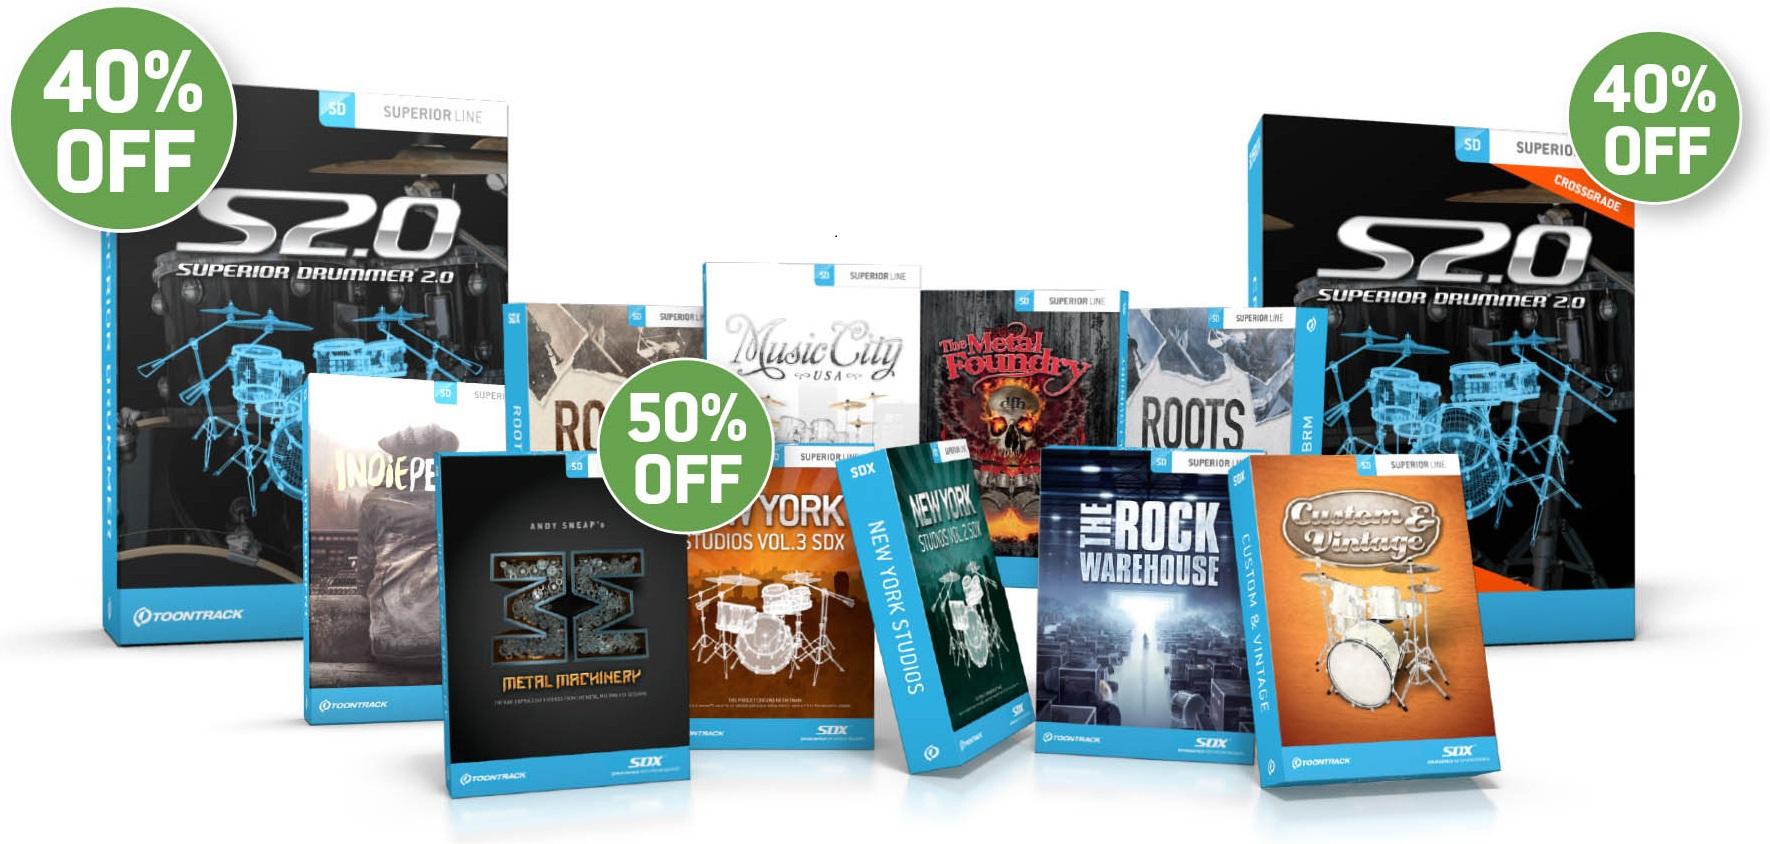 TOONTRACK Sommer Promo 2016 - BoxshotsDiscounts